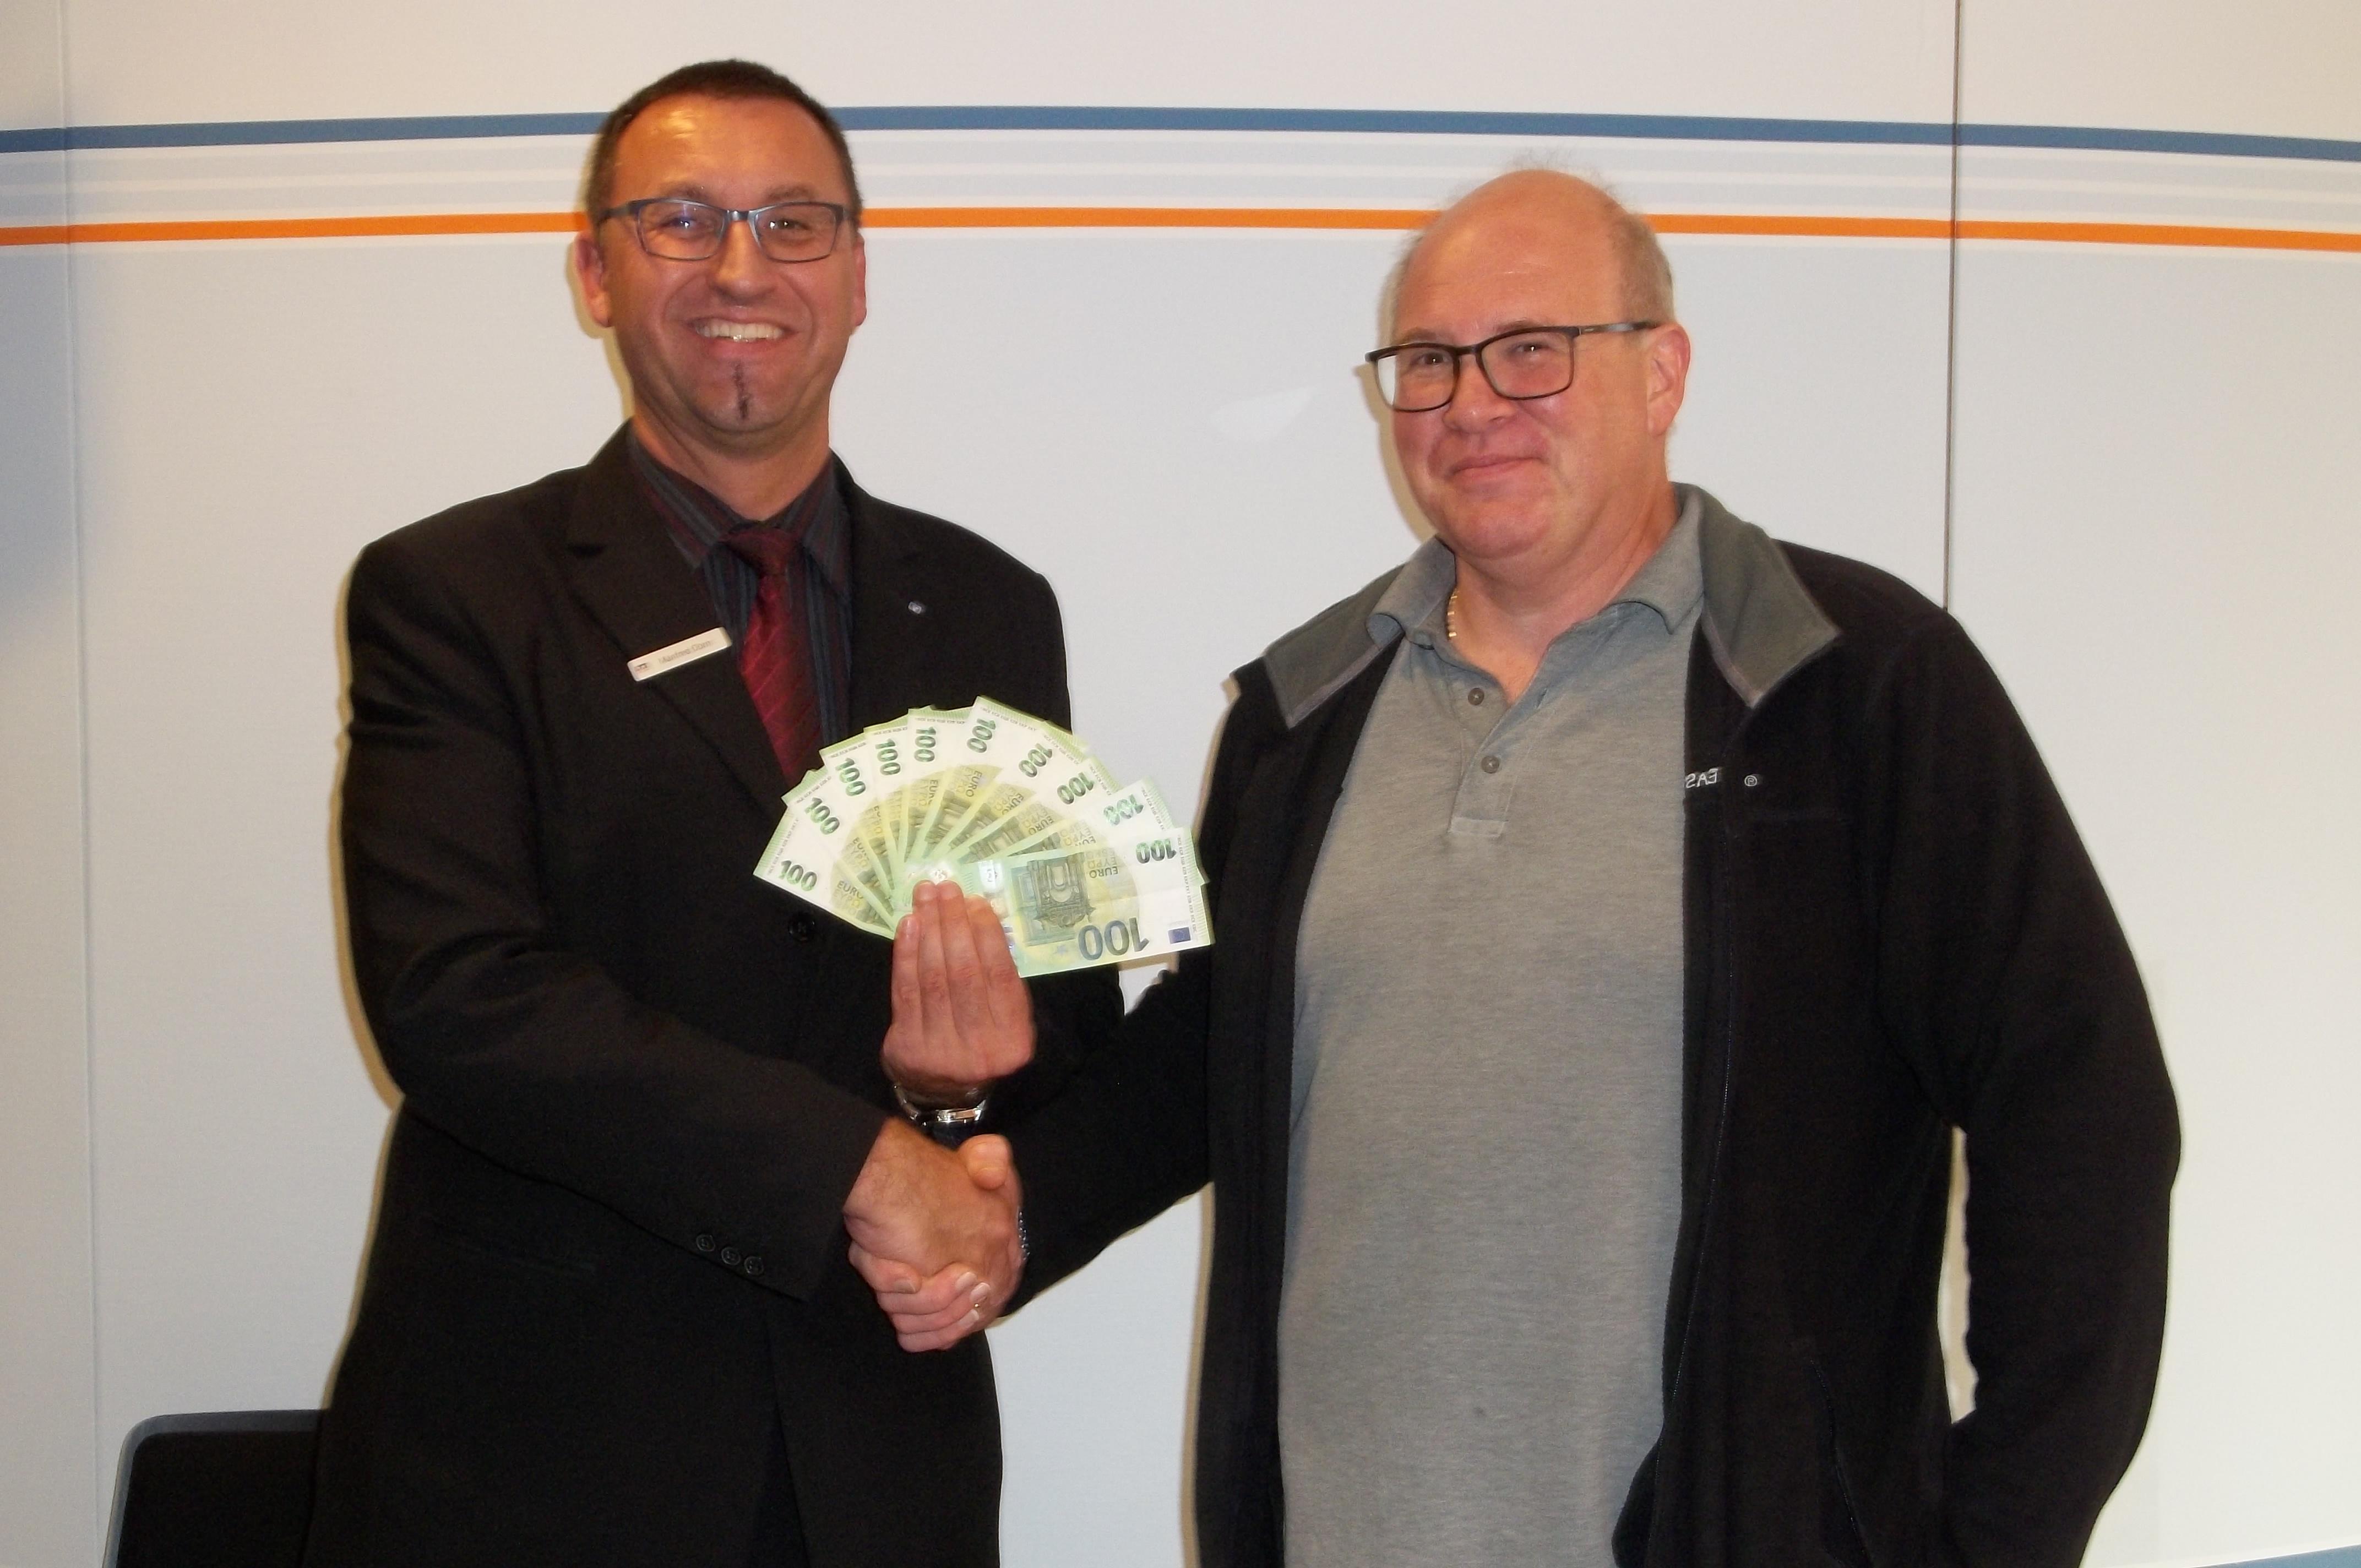 Gewinnsparauslosung Dezember 2014 der Raiffeisenbank Burgebrach-Stegaurach eG